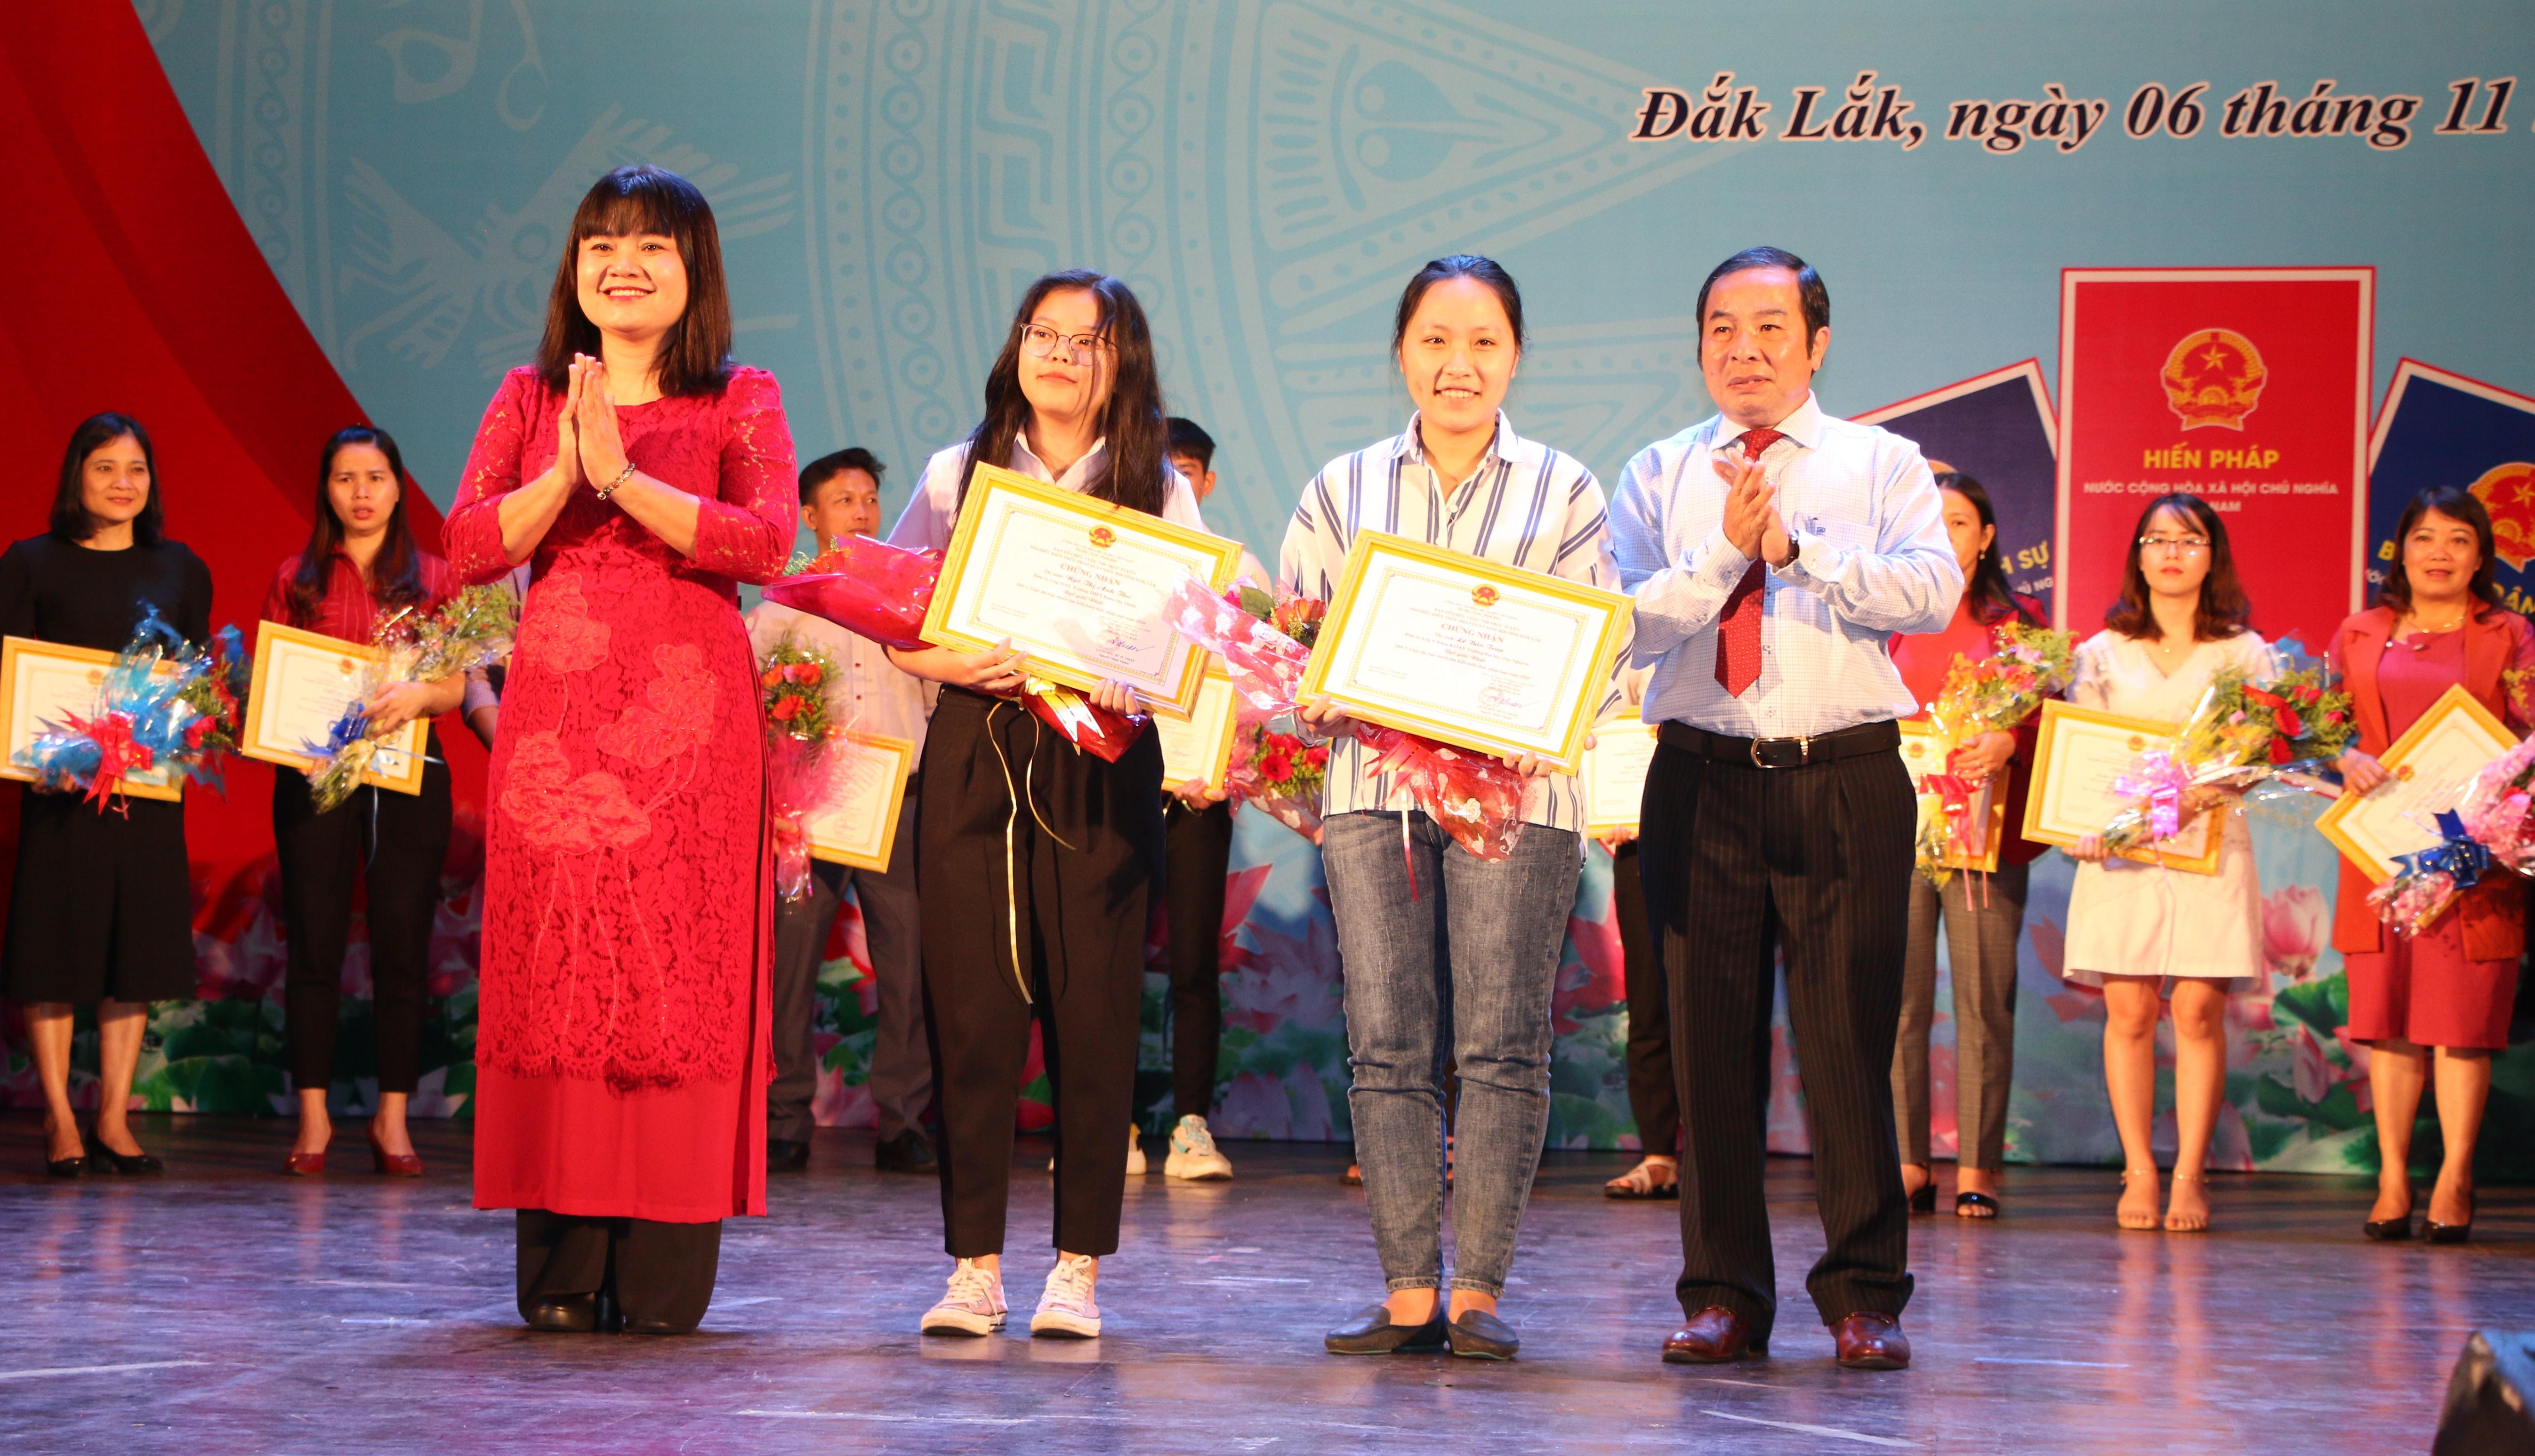 Lễ hưởng ứng Ngày Pháp luật Việt Nam 09/11 và tổng kết Cuôc thi trực tuyến  tìm hiểu pháp luật năm 2020